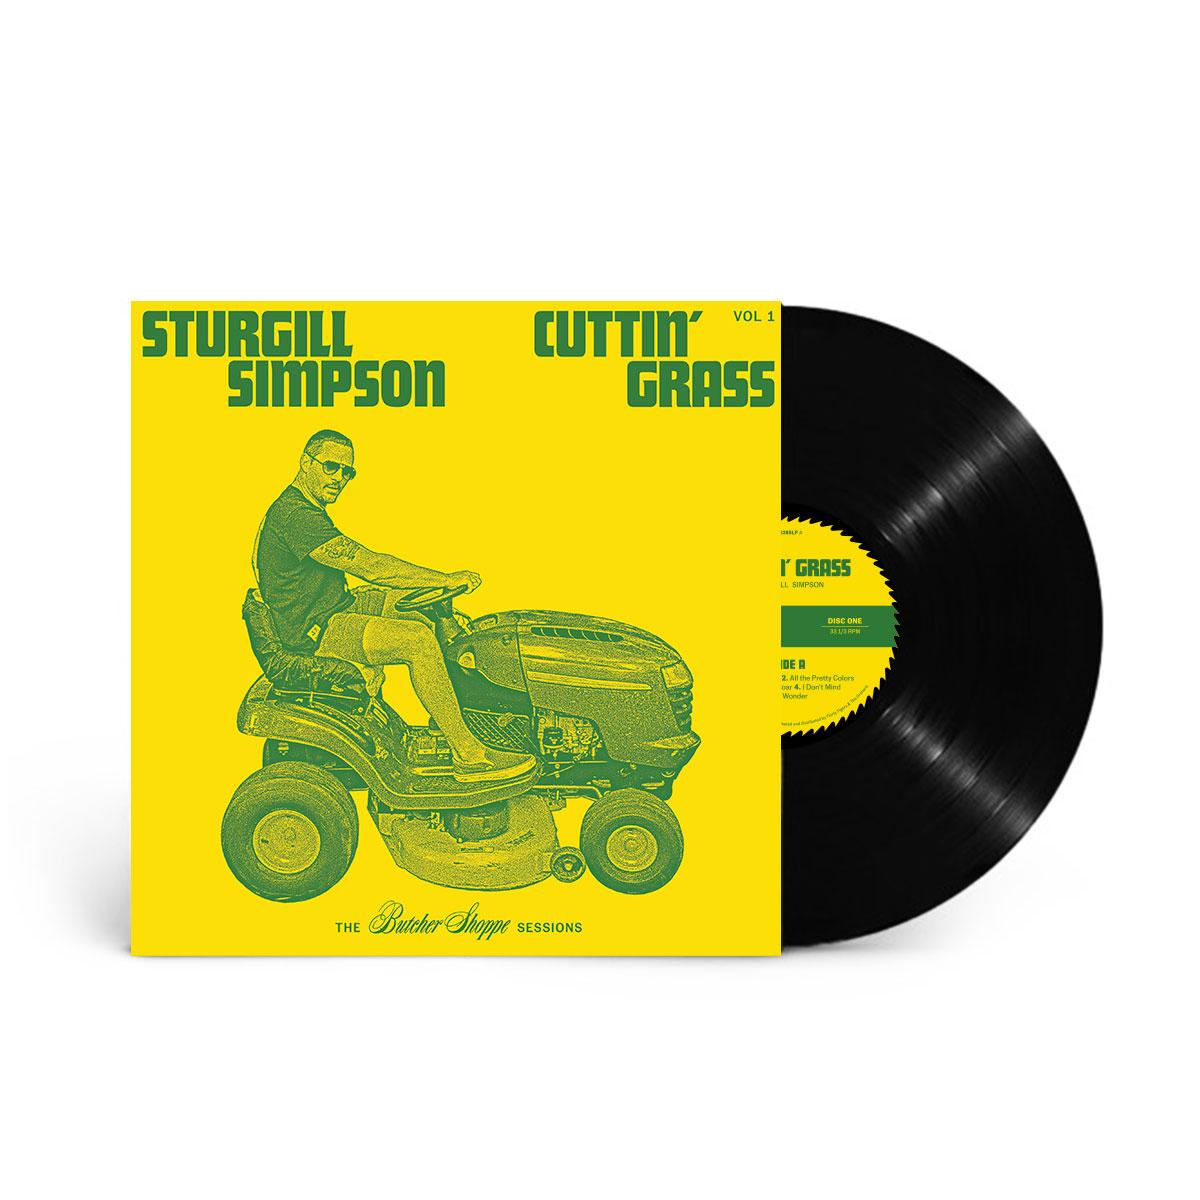 Cuttin' Grass Vinyl – 2 LP Set